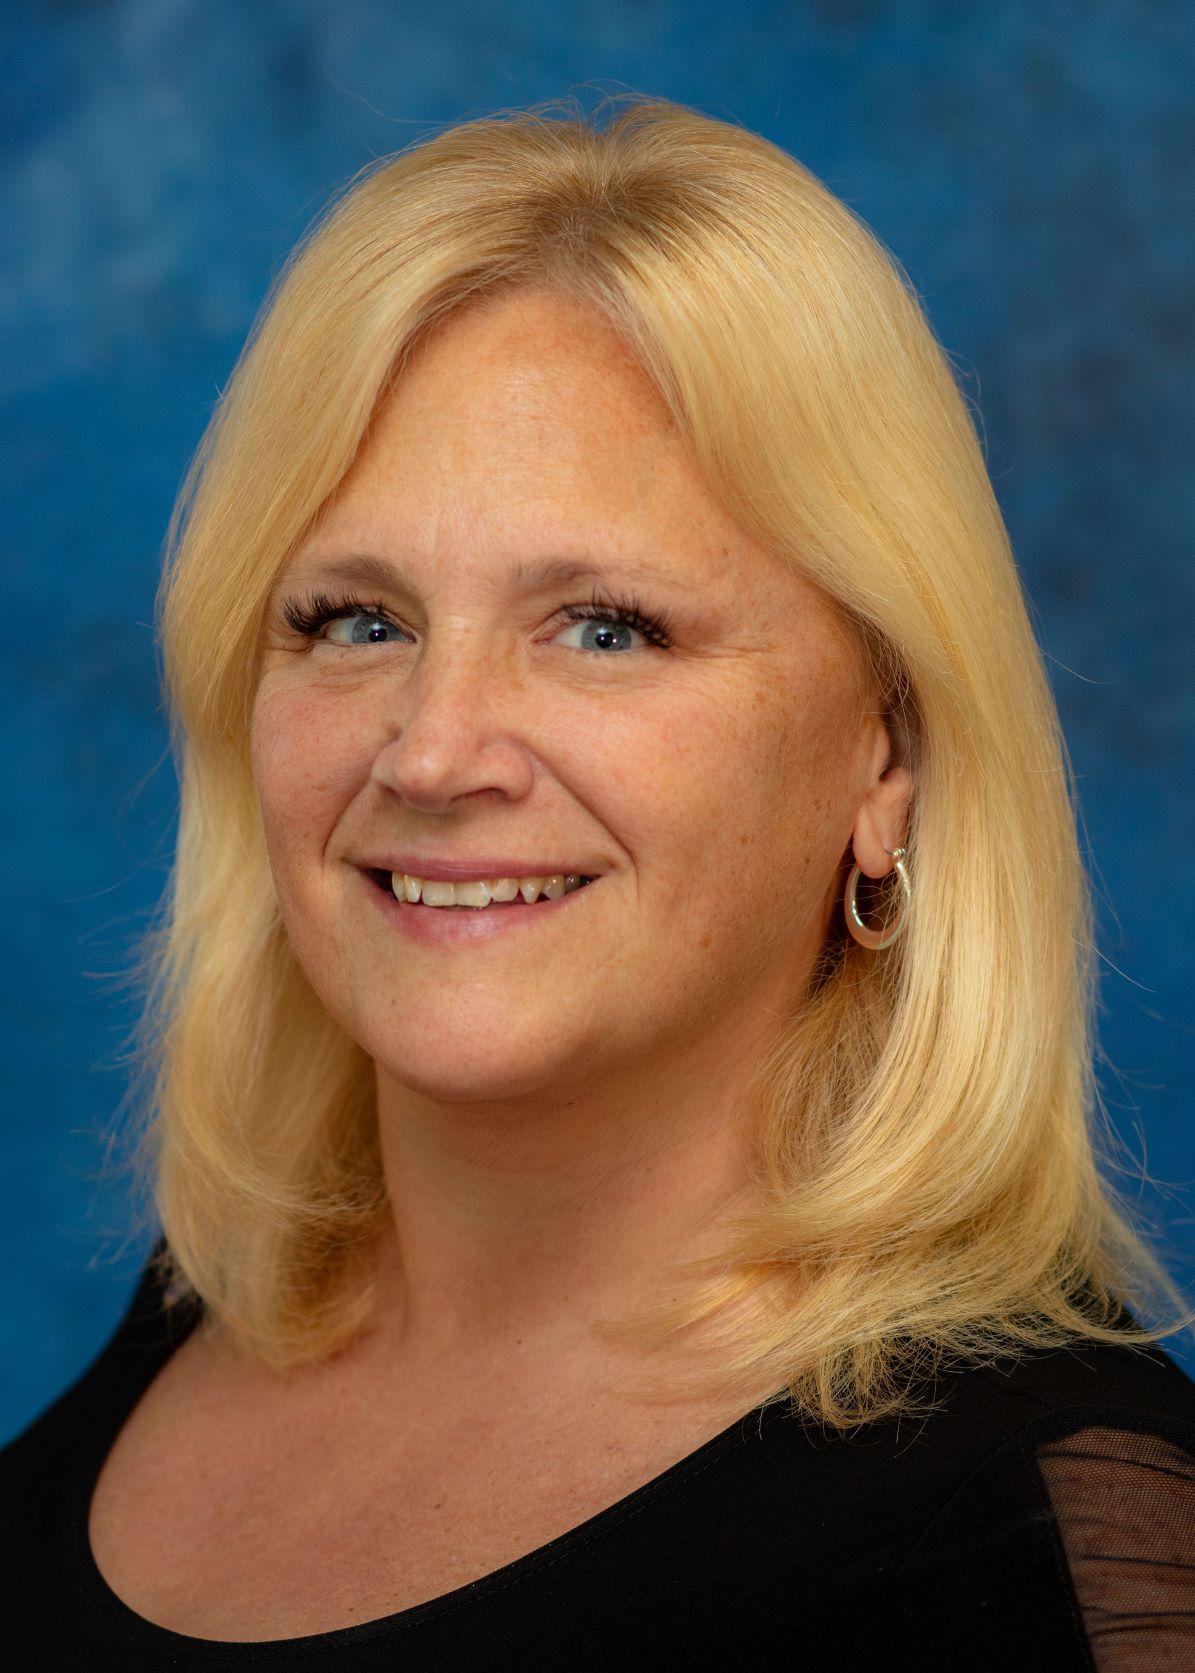 Liz Casner